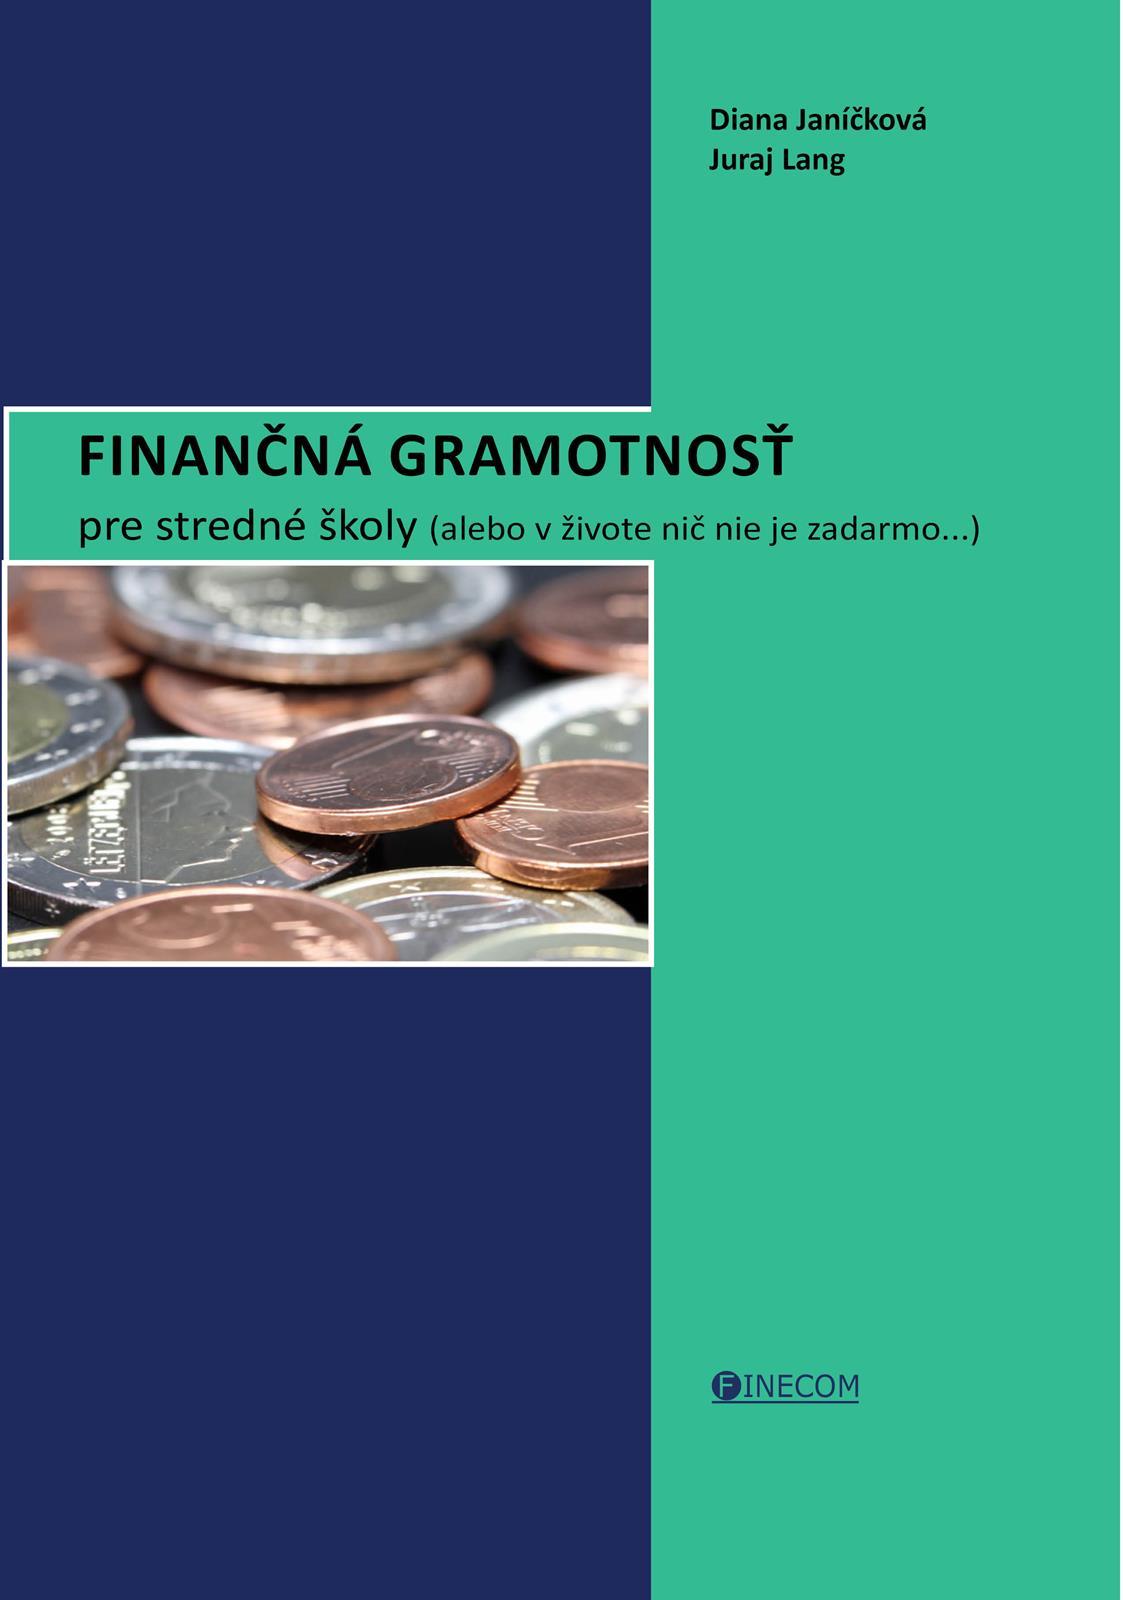 Finančná gramotnosť pre stredné školy